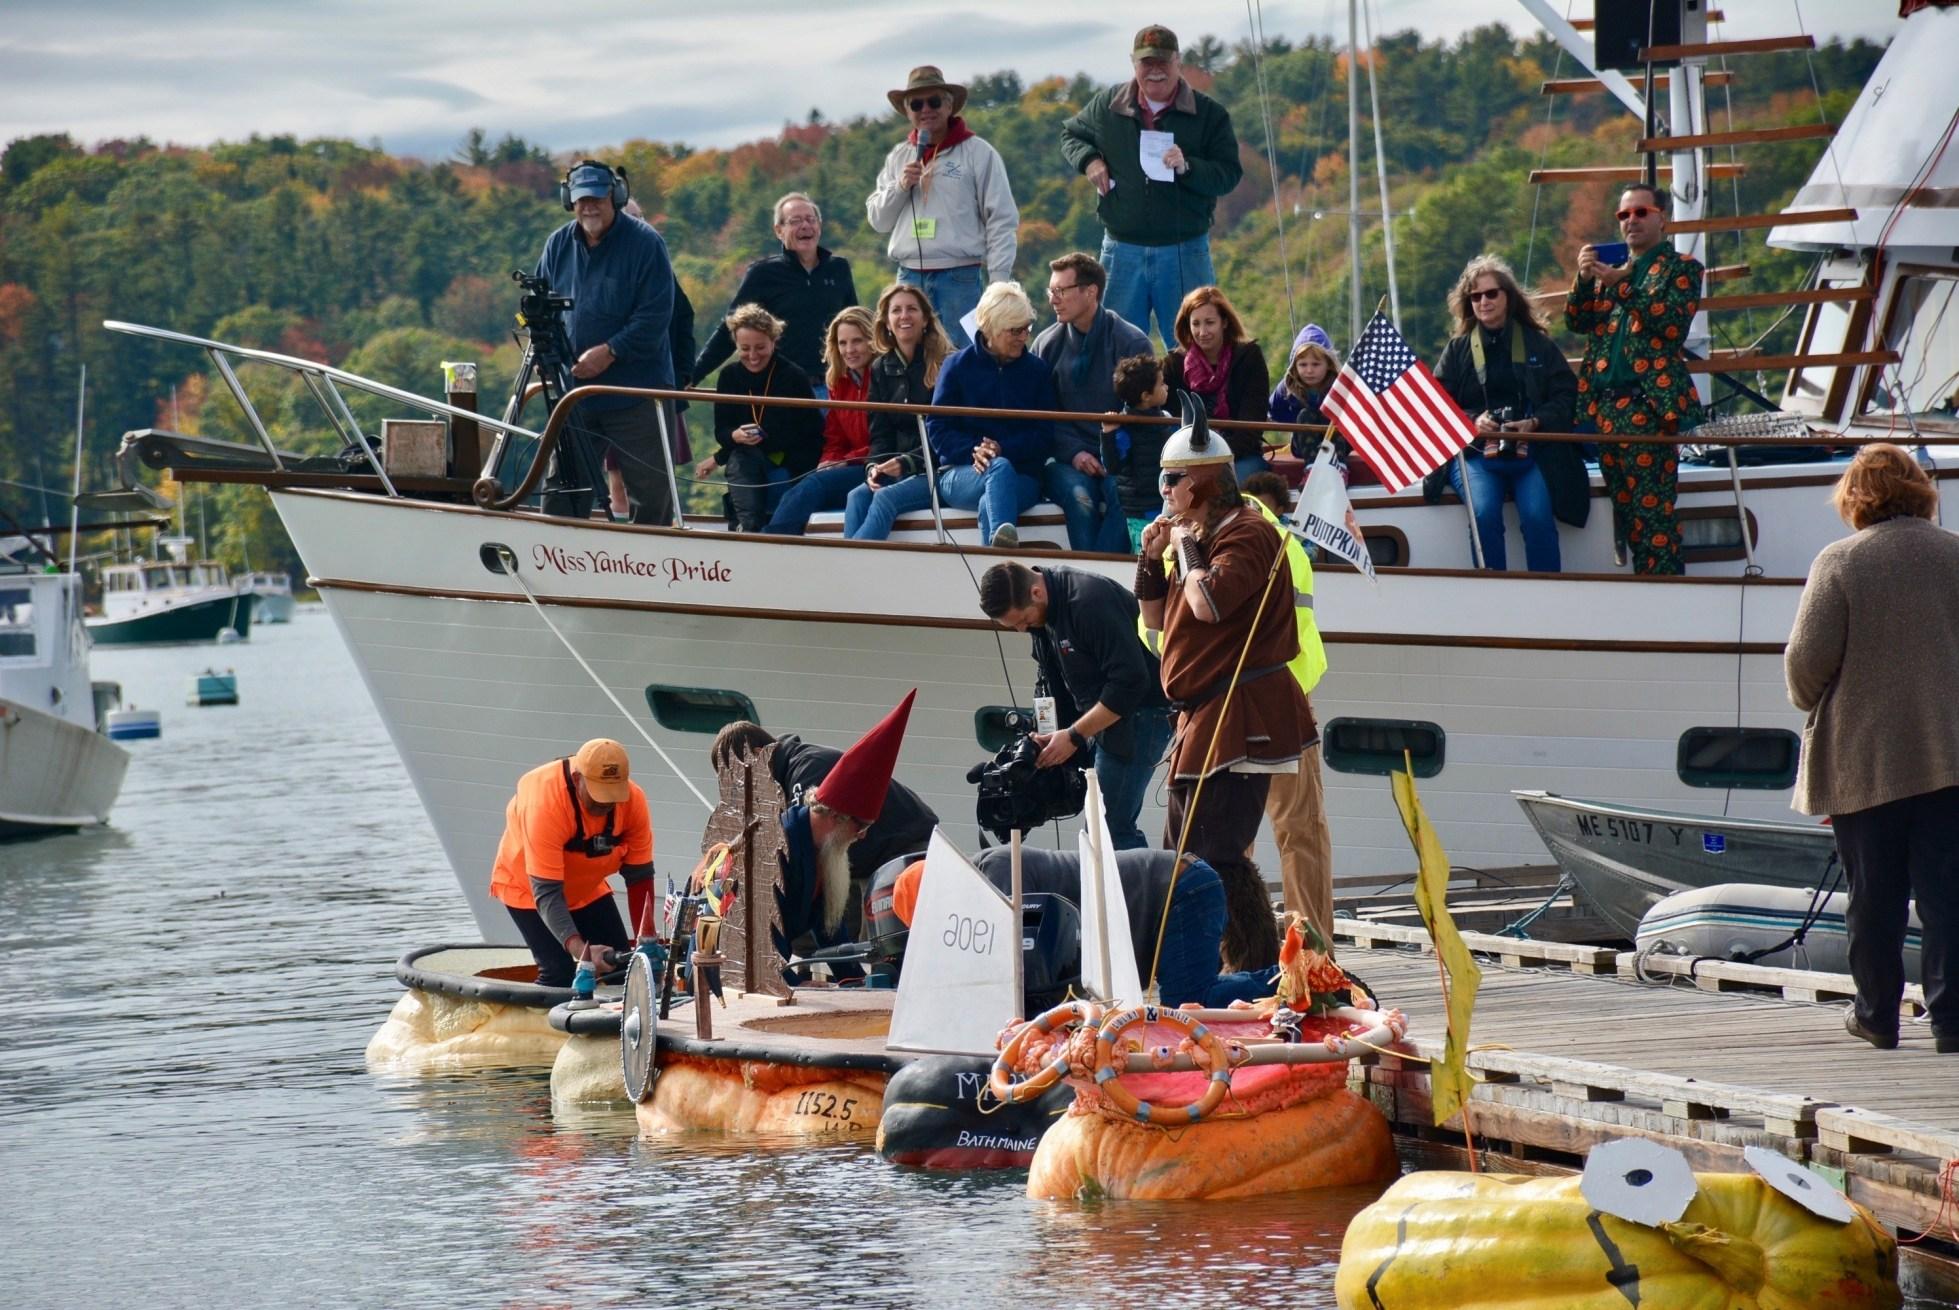 La competencia de botes-calabaza en Damariscotta, Maine es una de las principales atracciones del Pumpkinfest & Regatta que ocurre todos los años en el fin de semana de Columbus Day.